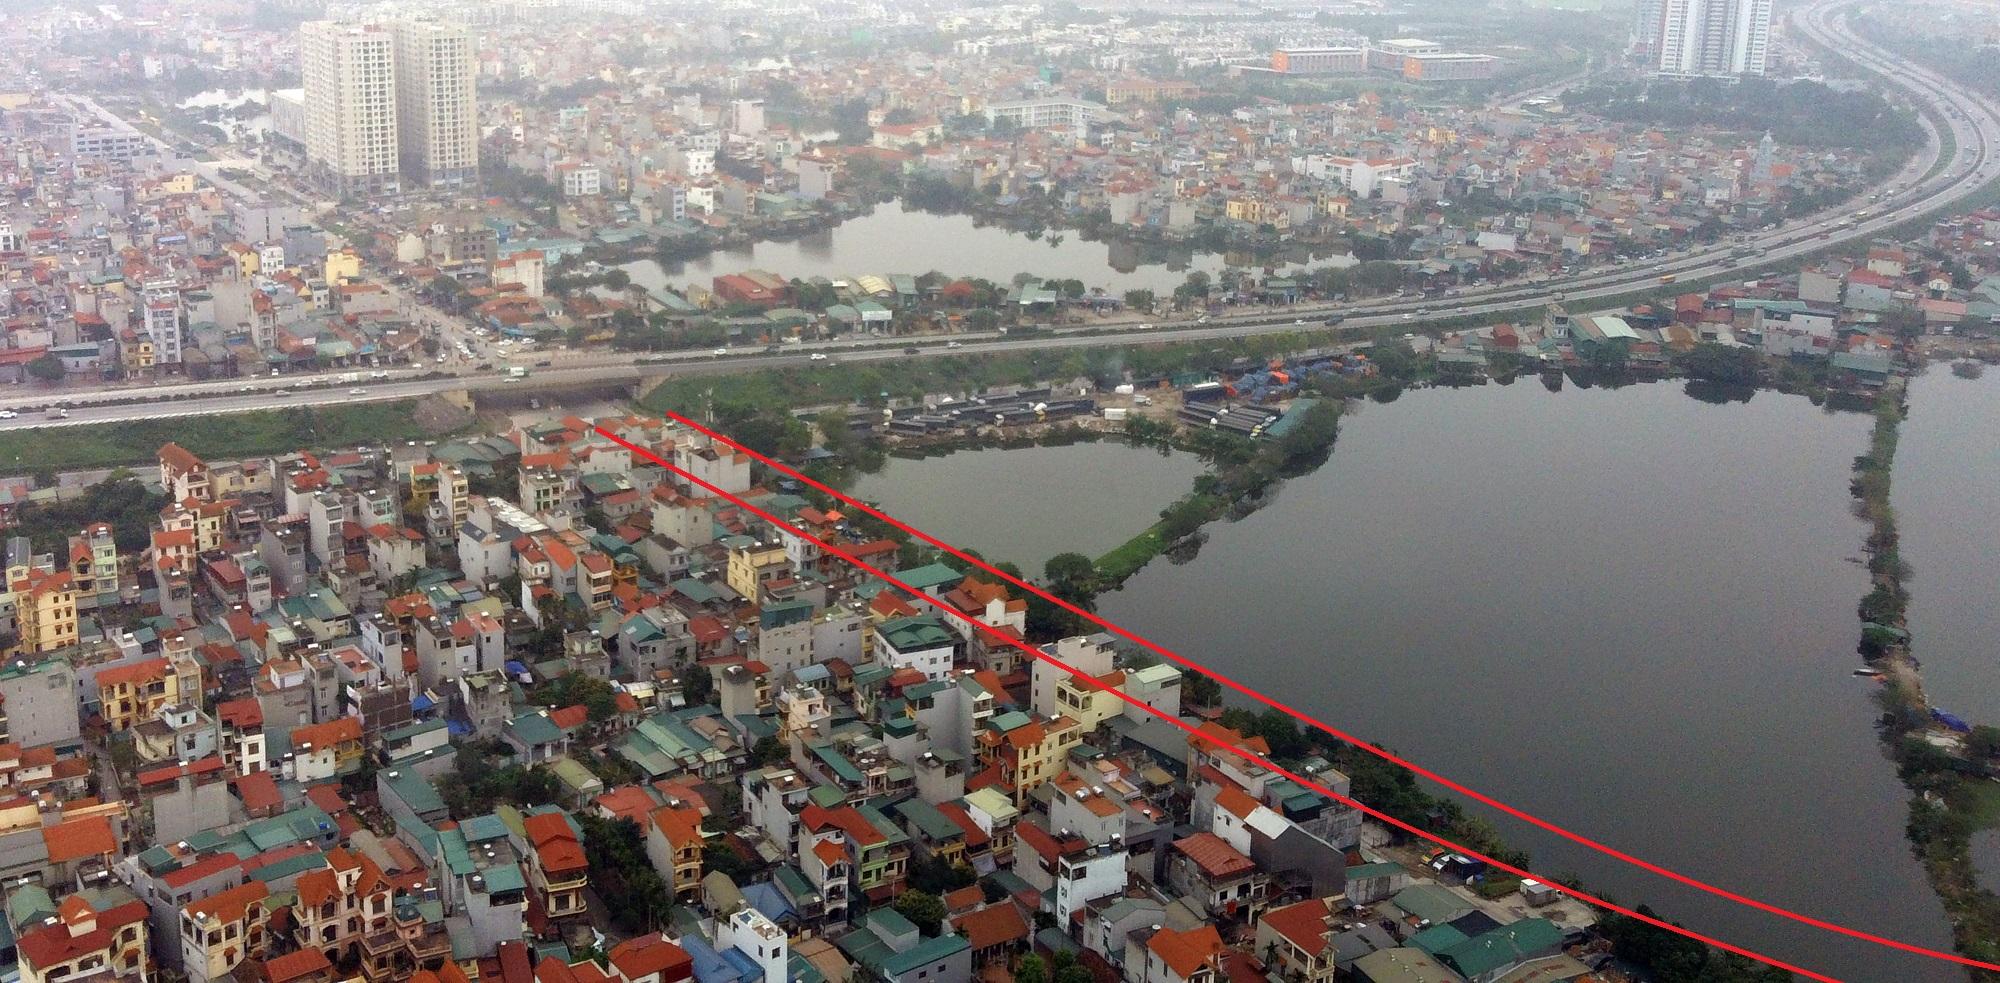 đường sẽ mở theo qui hoạch ở phường Yên Sở, Hoàng Mai, Hà Nội - Ảnh 10.